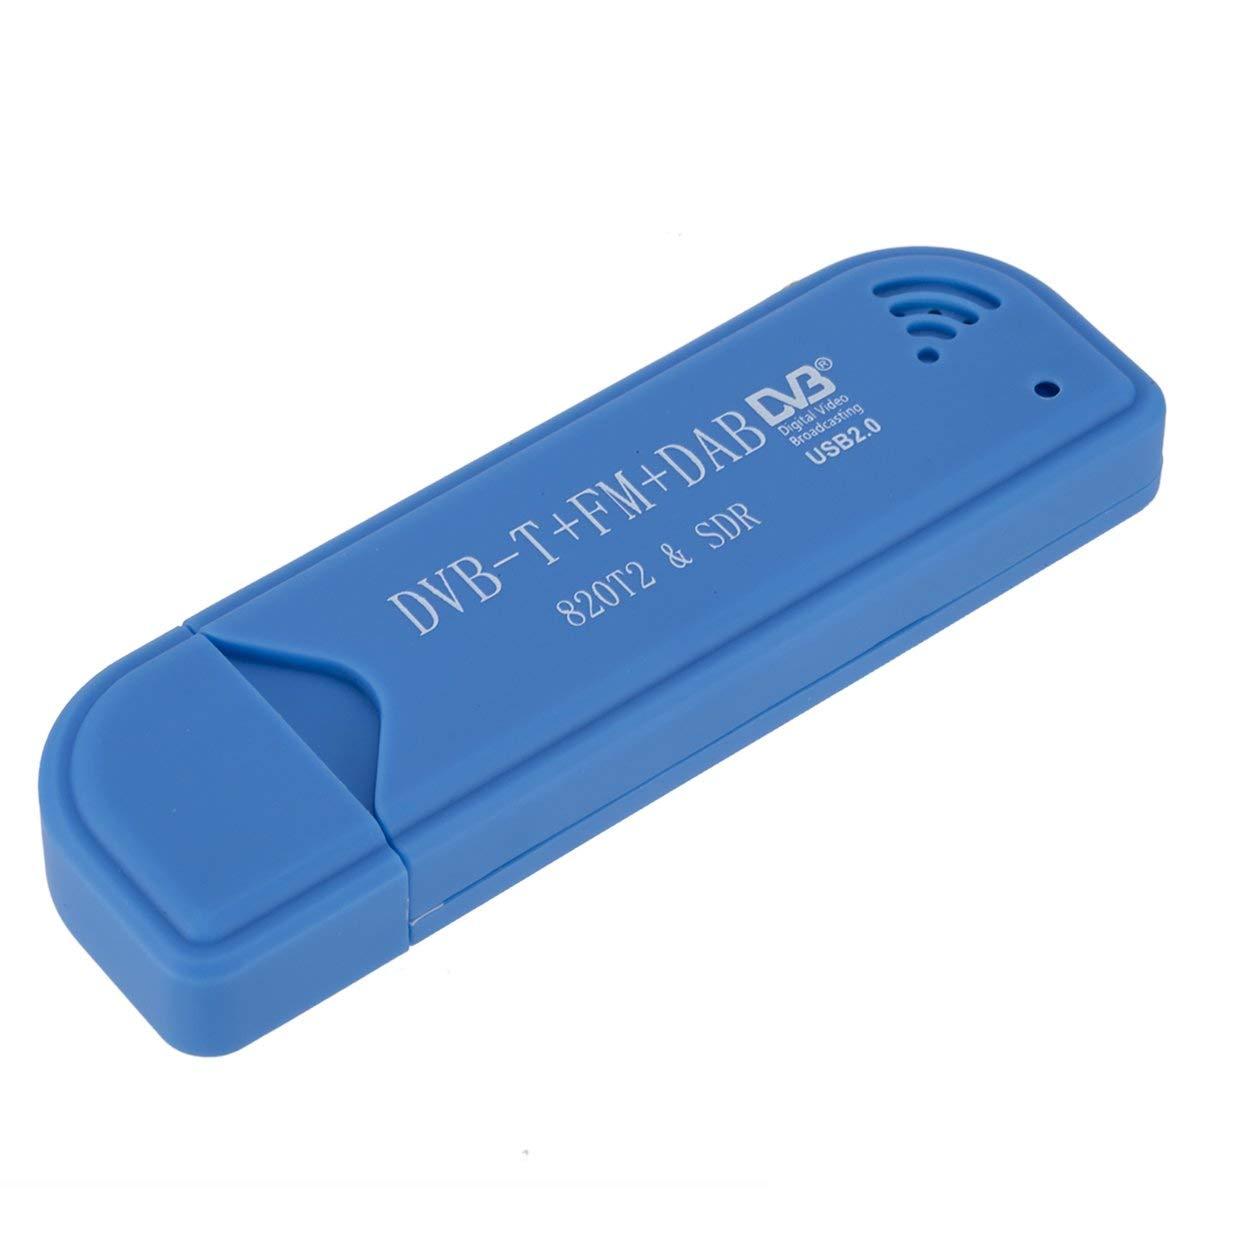 Lorenlli D/écodeur TNT Dab FM r/écepteur Mini-USB RTL-SDR /& ADS-B RTL2832U et R820T